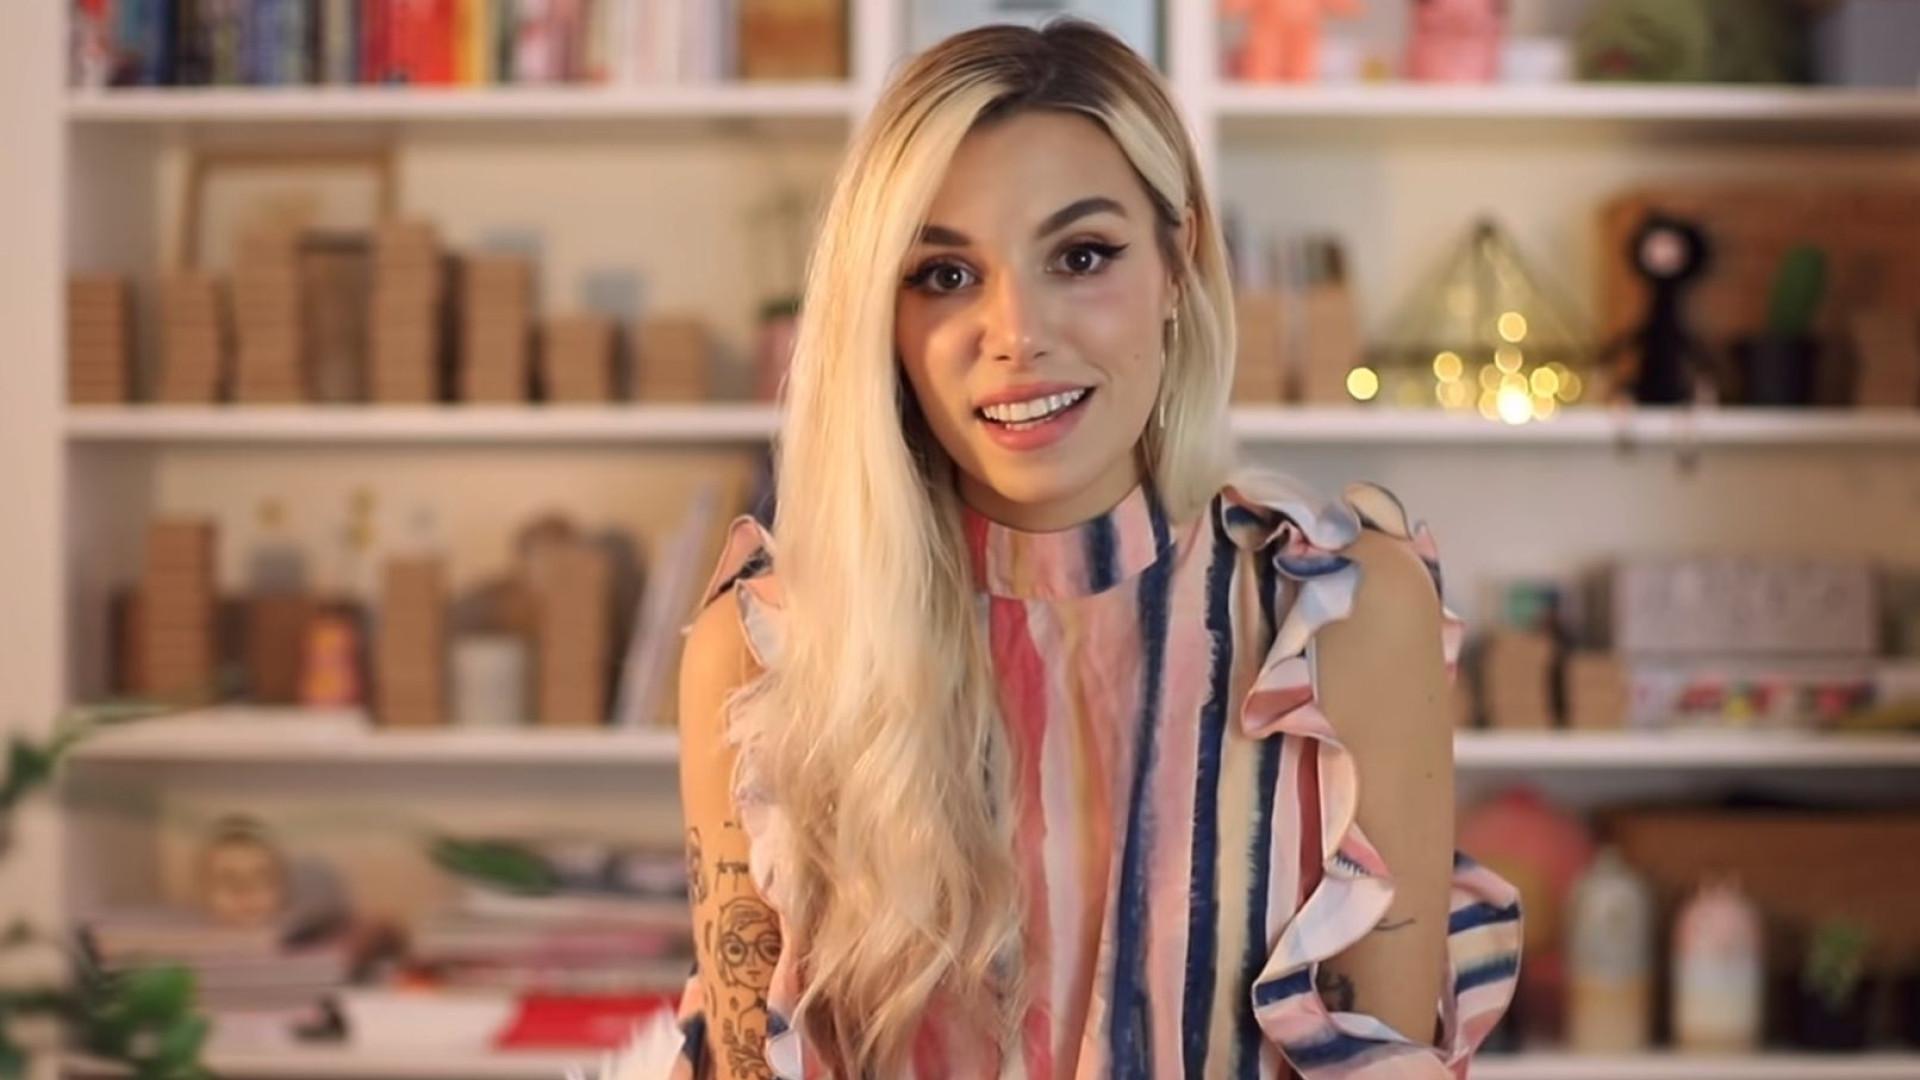 Marzia anuncia afastamento do YouTube